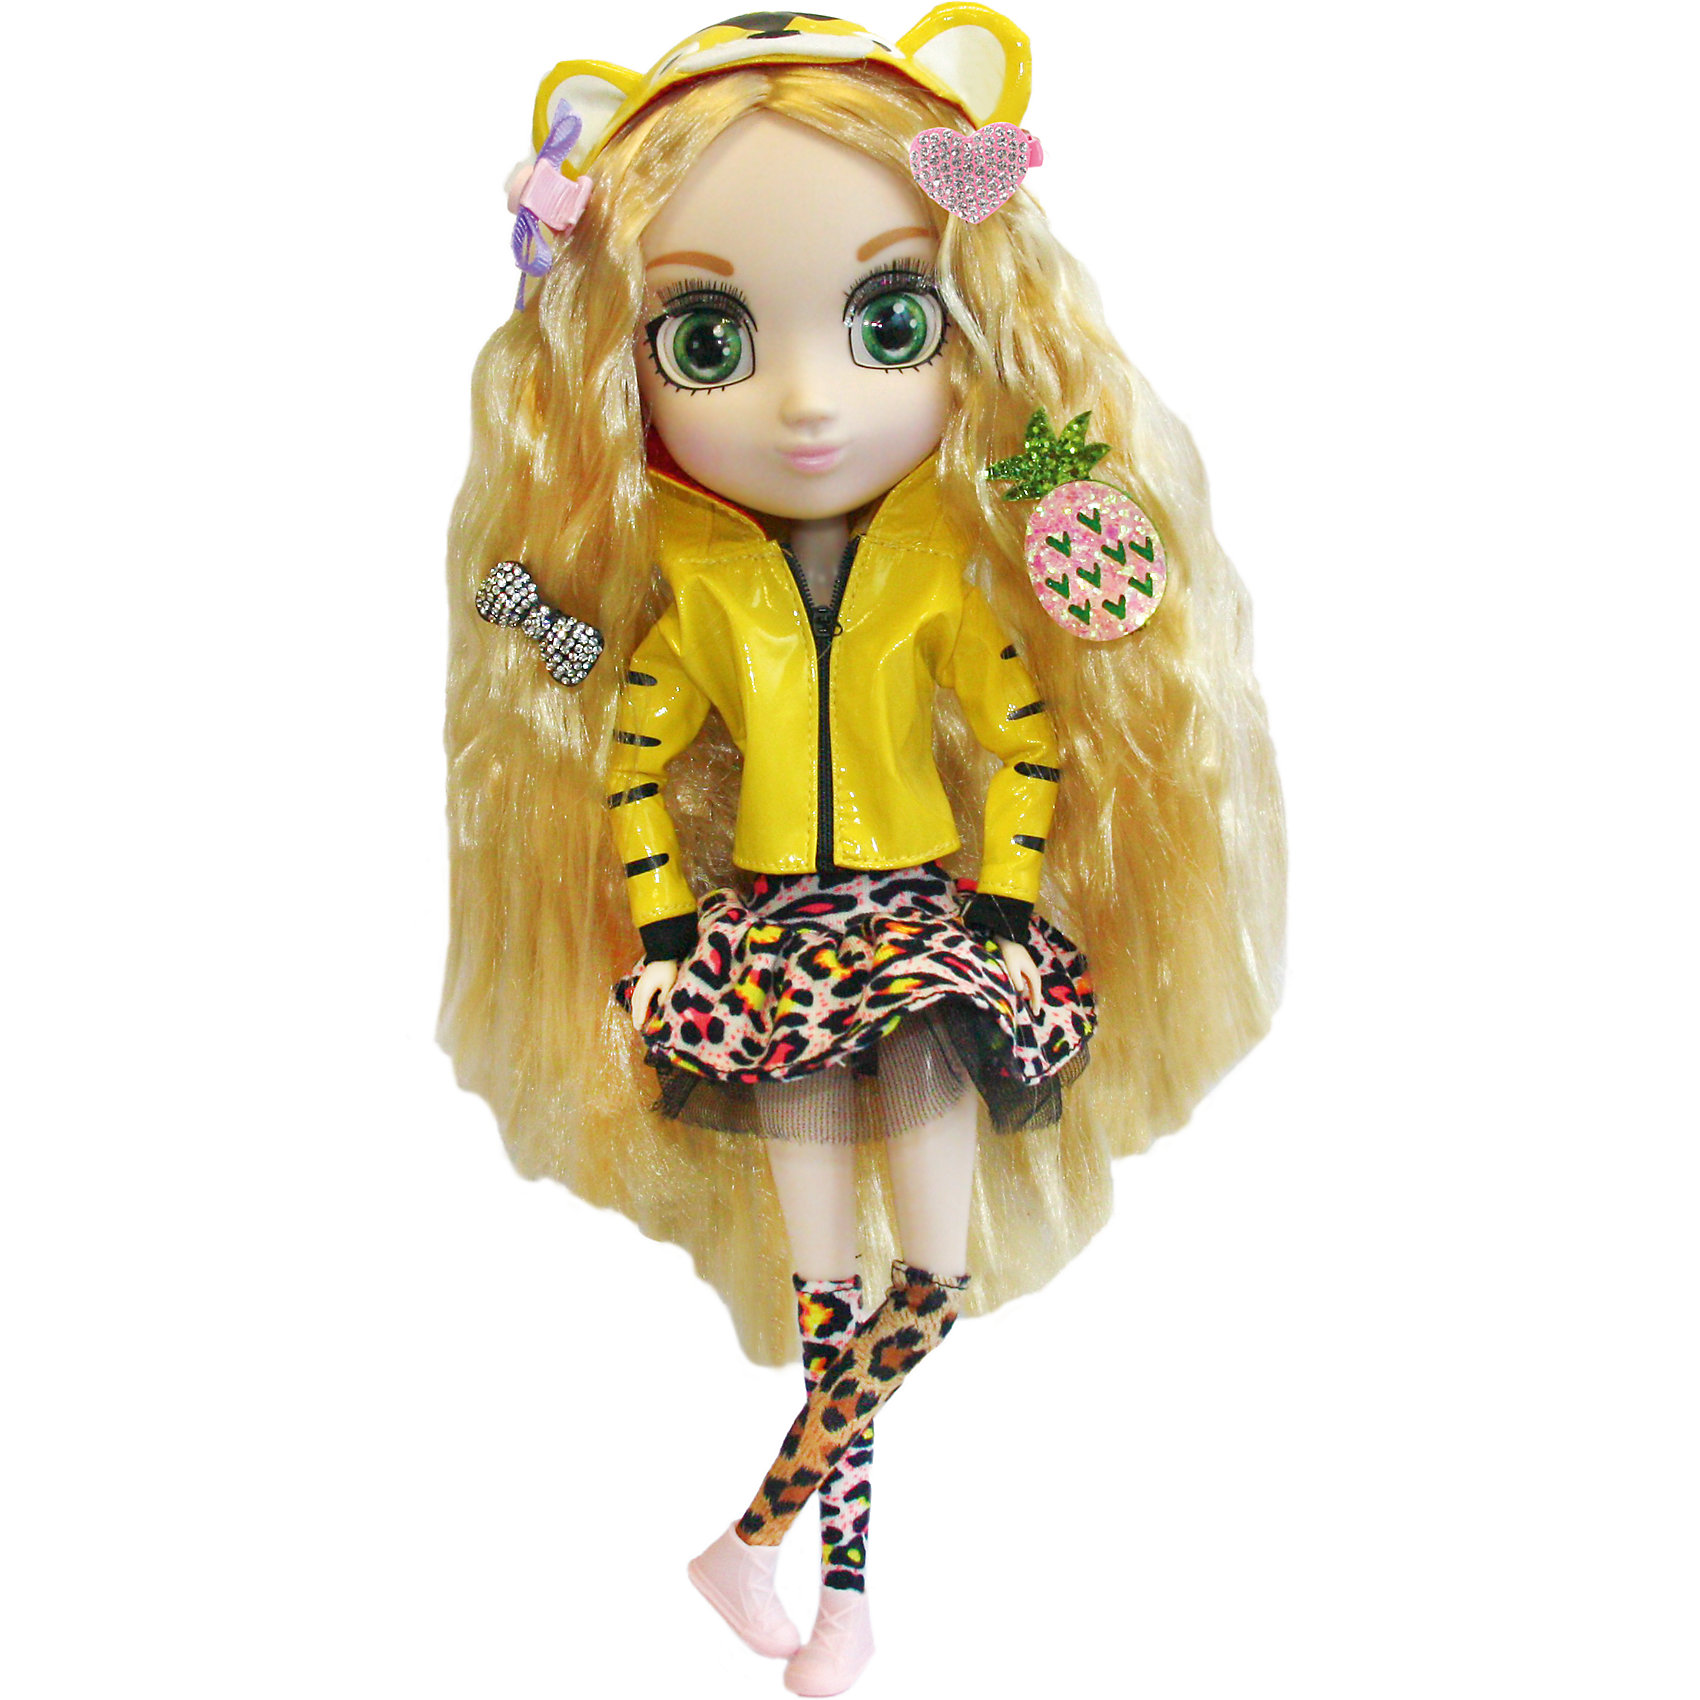 Кукла Кое, 33см, Шибадзуку ГерлзКукла Кое, 33см, Шибадзуку Герлз<br><br>Характеристики:<br><br>• модная кукла с реалистичными глазами<br>• длинные ресницы<br>• длинные густые волосы<br>• в комплекте: кукла, заколки, аксессуары<br>• высота куклы: 33 см<br>• материал: пластик, текстиль<br>• размер упаковки: 20,6х38,1х10,2 см<br>• вес: 600 грамм<br><br>Шибадзуку Герлз - куклы, поражающие своей красотой и реалистичностью. У них широкие глаза с пышными ресницами и длинные густые волосы. Руки и ноги кукол подвижны. Кое очень общительная и доброжелательная. Леопардовая юбочка и гетры отлично сочетаются с жёлтой курткой и ботиночками девочки. Золотистые волосы Кое украшены яркими блестящими заколочками. Вы можете придумать для куклы яркий неповторимый образ, создавая новую прическу с аксессуарами, которые входят в комплект.<br><br>Куклу Кое, 33см, Шибадзуку Герлз можно купить в нашем интернет-магазине.<br><br>Ширина мм: 102<br>Глубина мм: 381<br>Высота мм: 206<br>Вес г: 600<br>Возраст от месяцев: 36<br>Возраст до месяцев: 2147483647<br>Пол: Женский<br>Возраст: Детский<br>SKU: 5397315